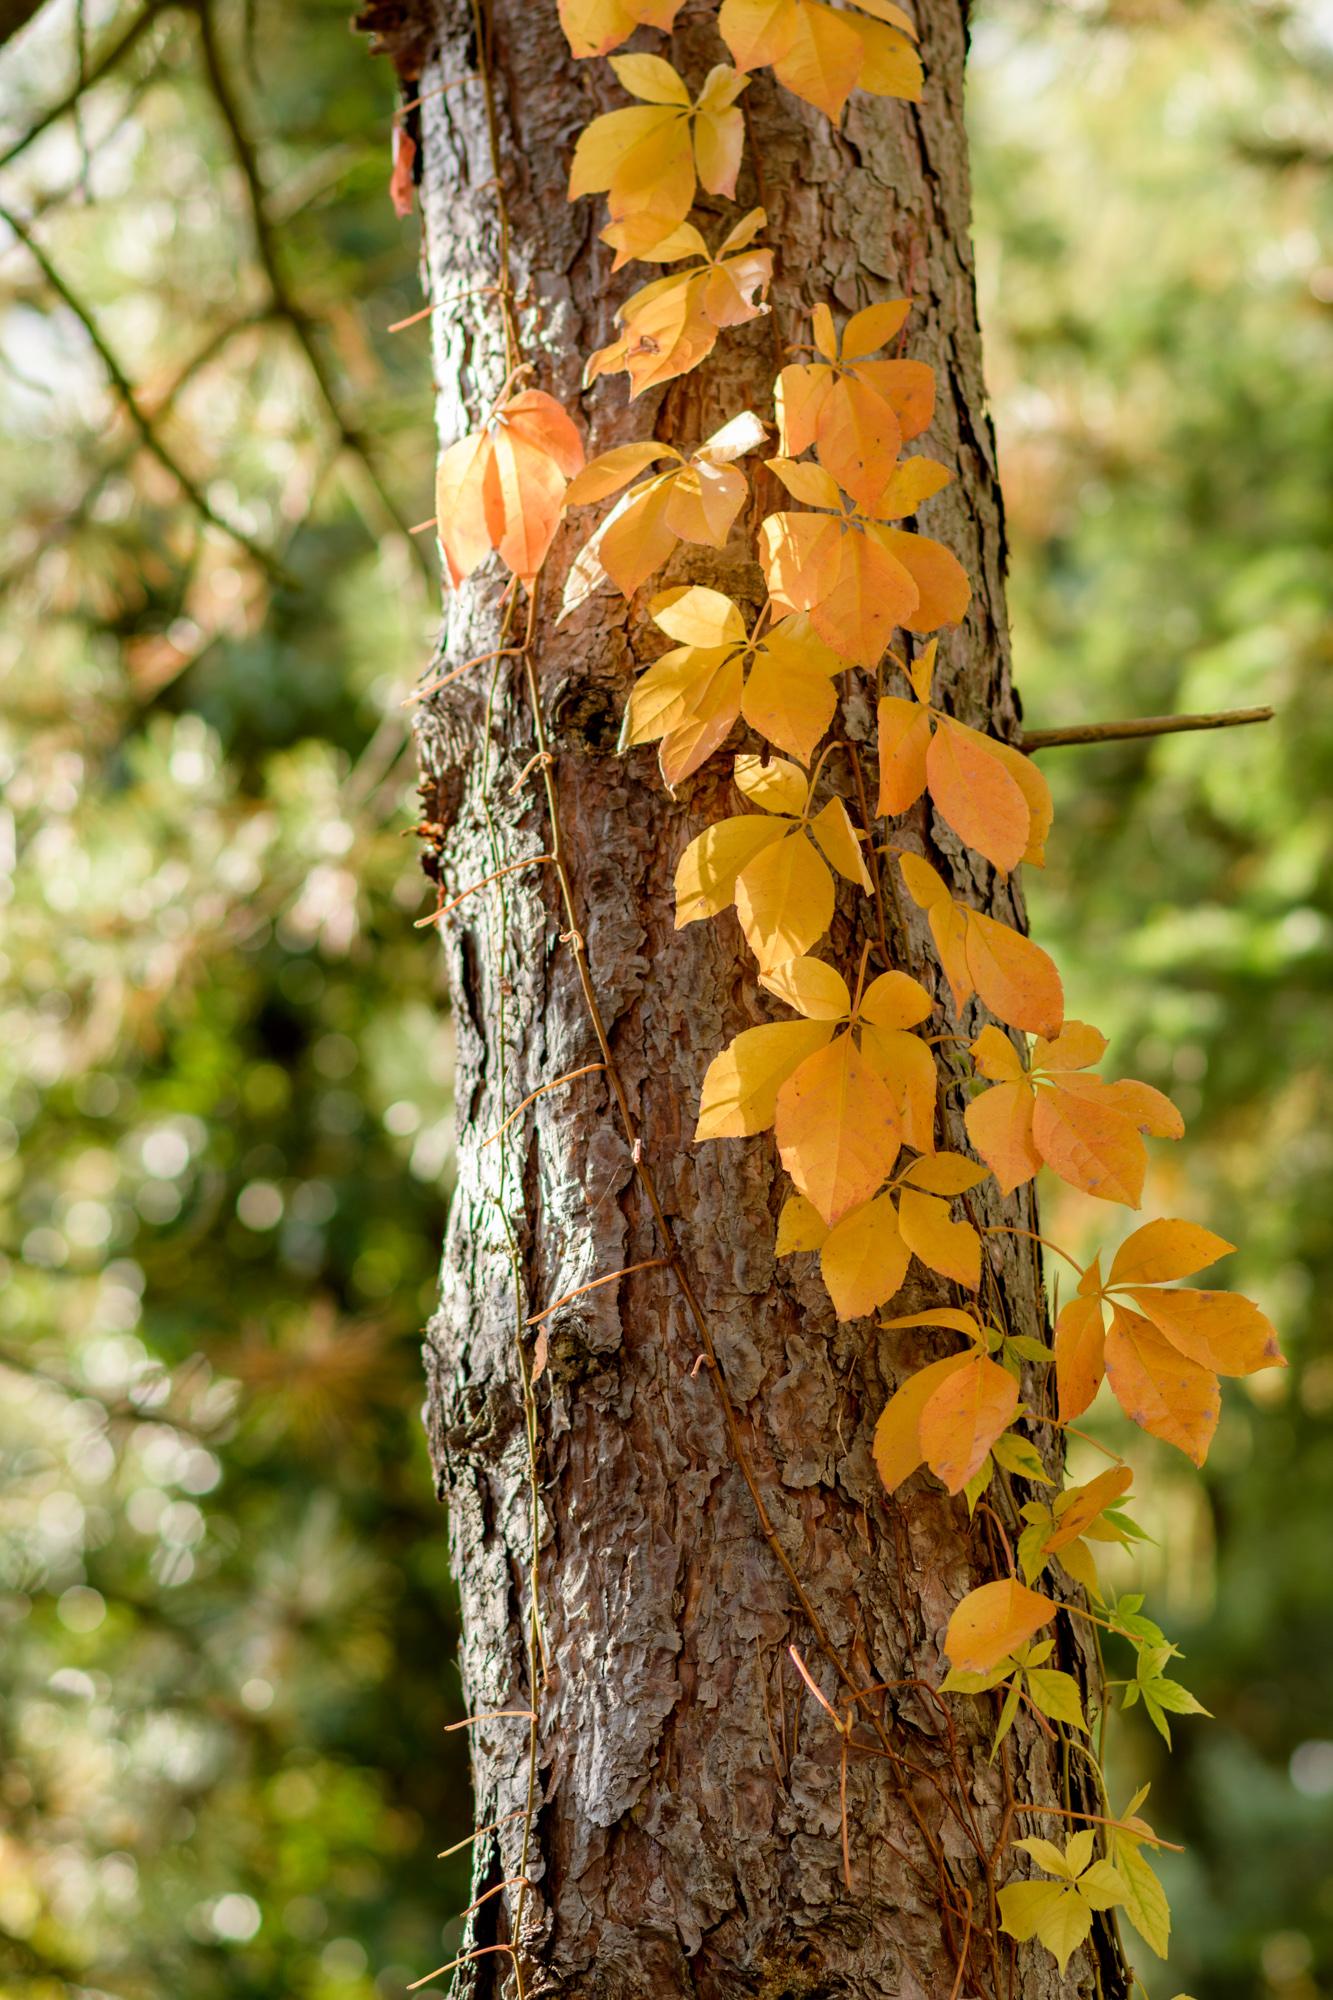 93867 обои 2160x3840 на телефон бесплатно, скачать картинки Природа, Осень, Растение, Дерево, Желтый, Плющ 2160x3840 на мобильный